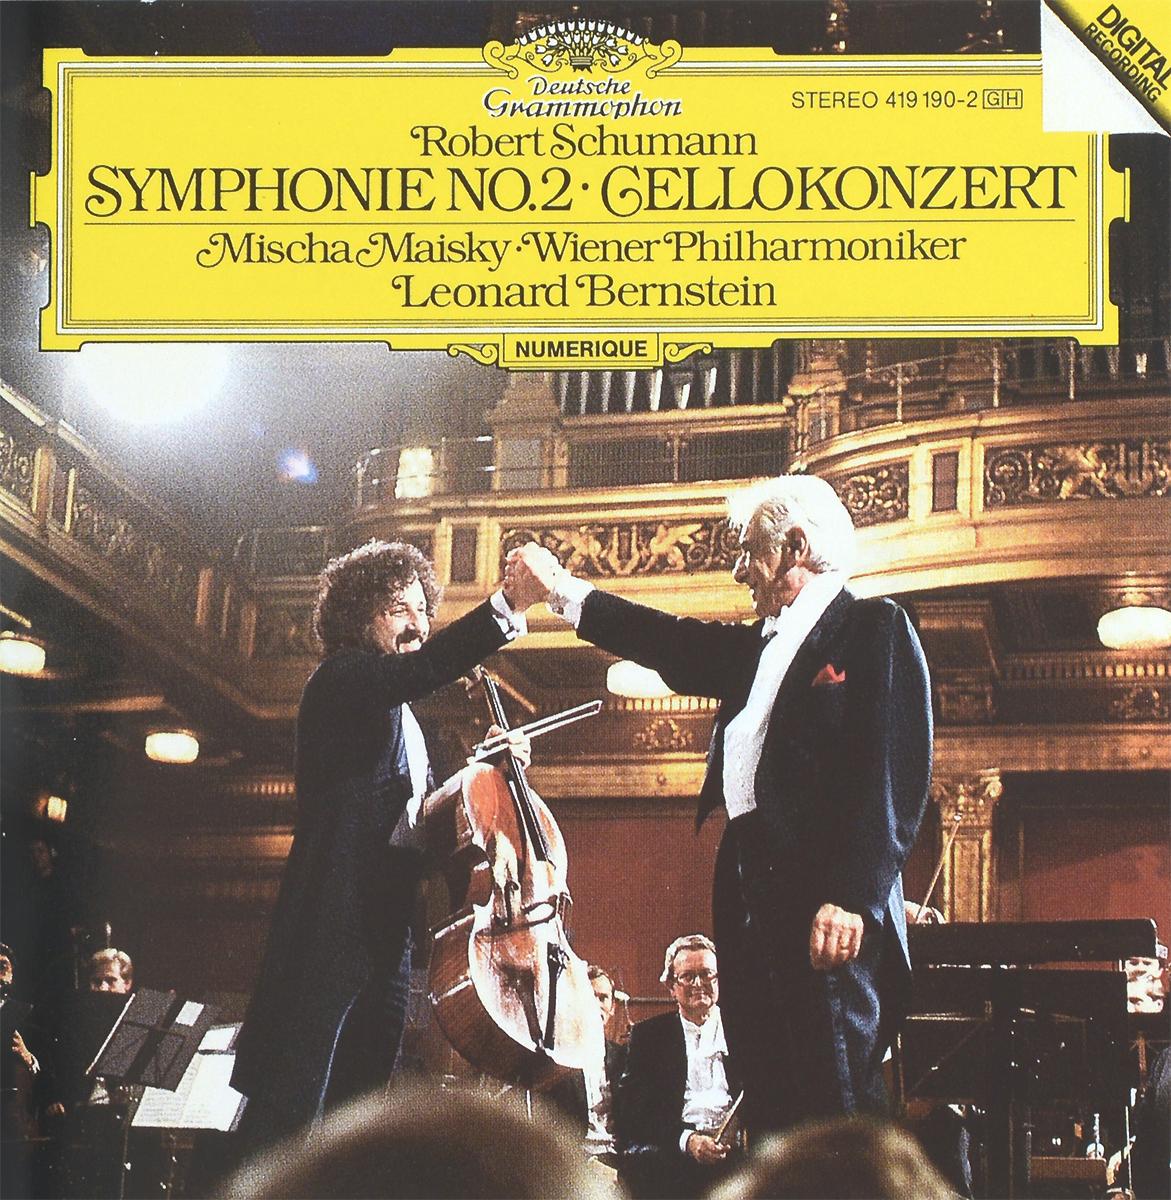 Леонард Бернштейн,Wiener Philharmoniker Leonard Bernstein. Robert Schumann. Symphonie No. 2 / Cellokonzert münchner philharmoniker elbphilharmonie hamburg